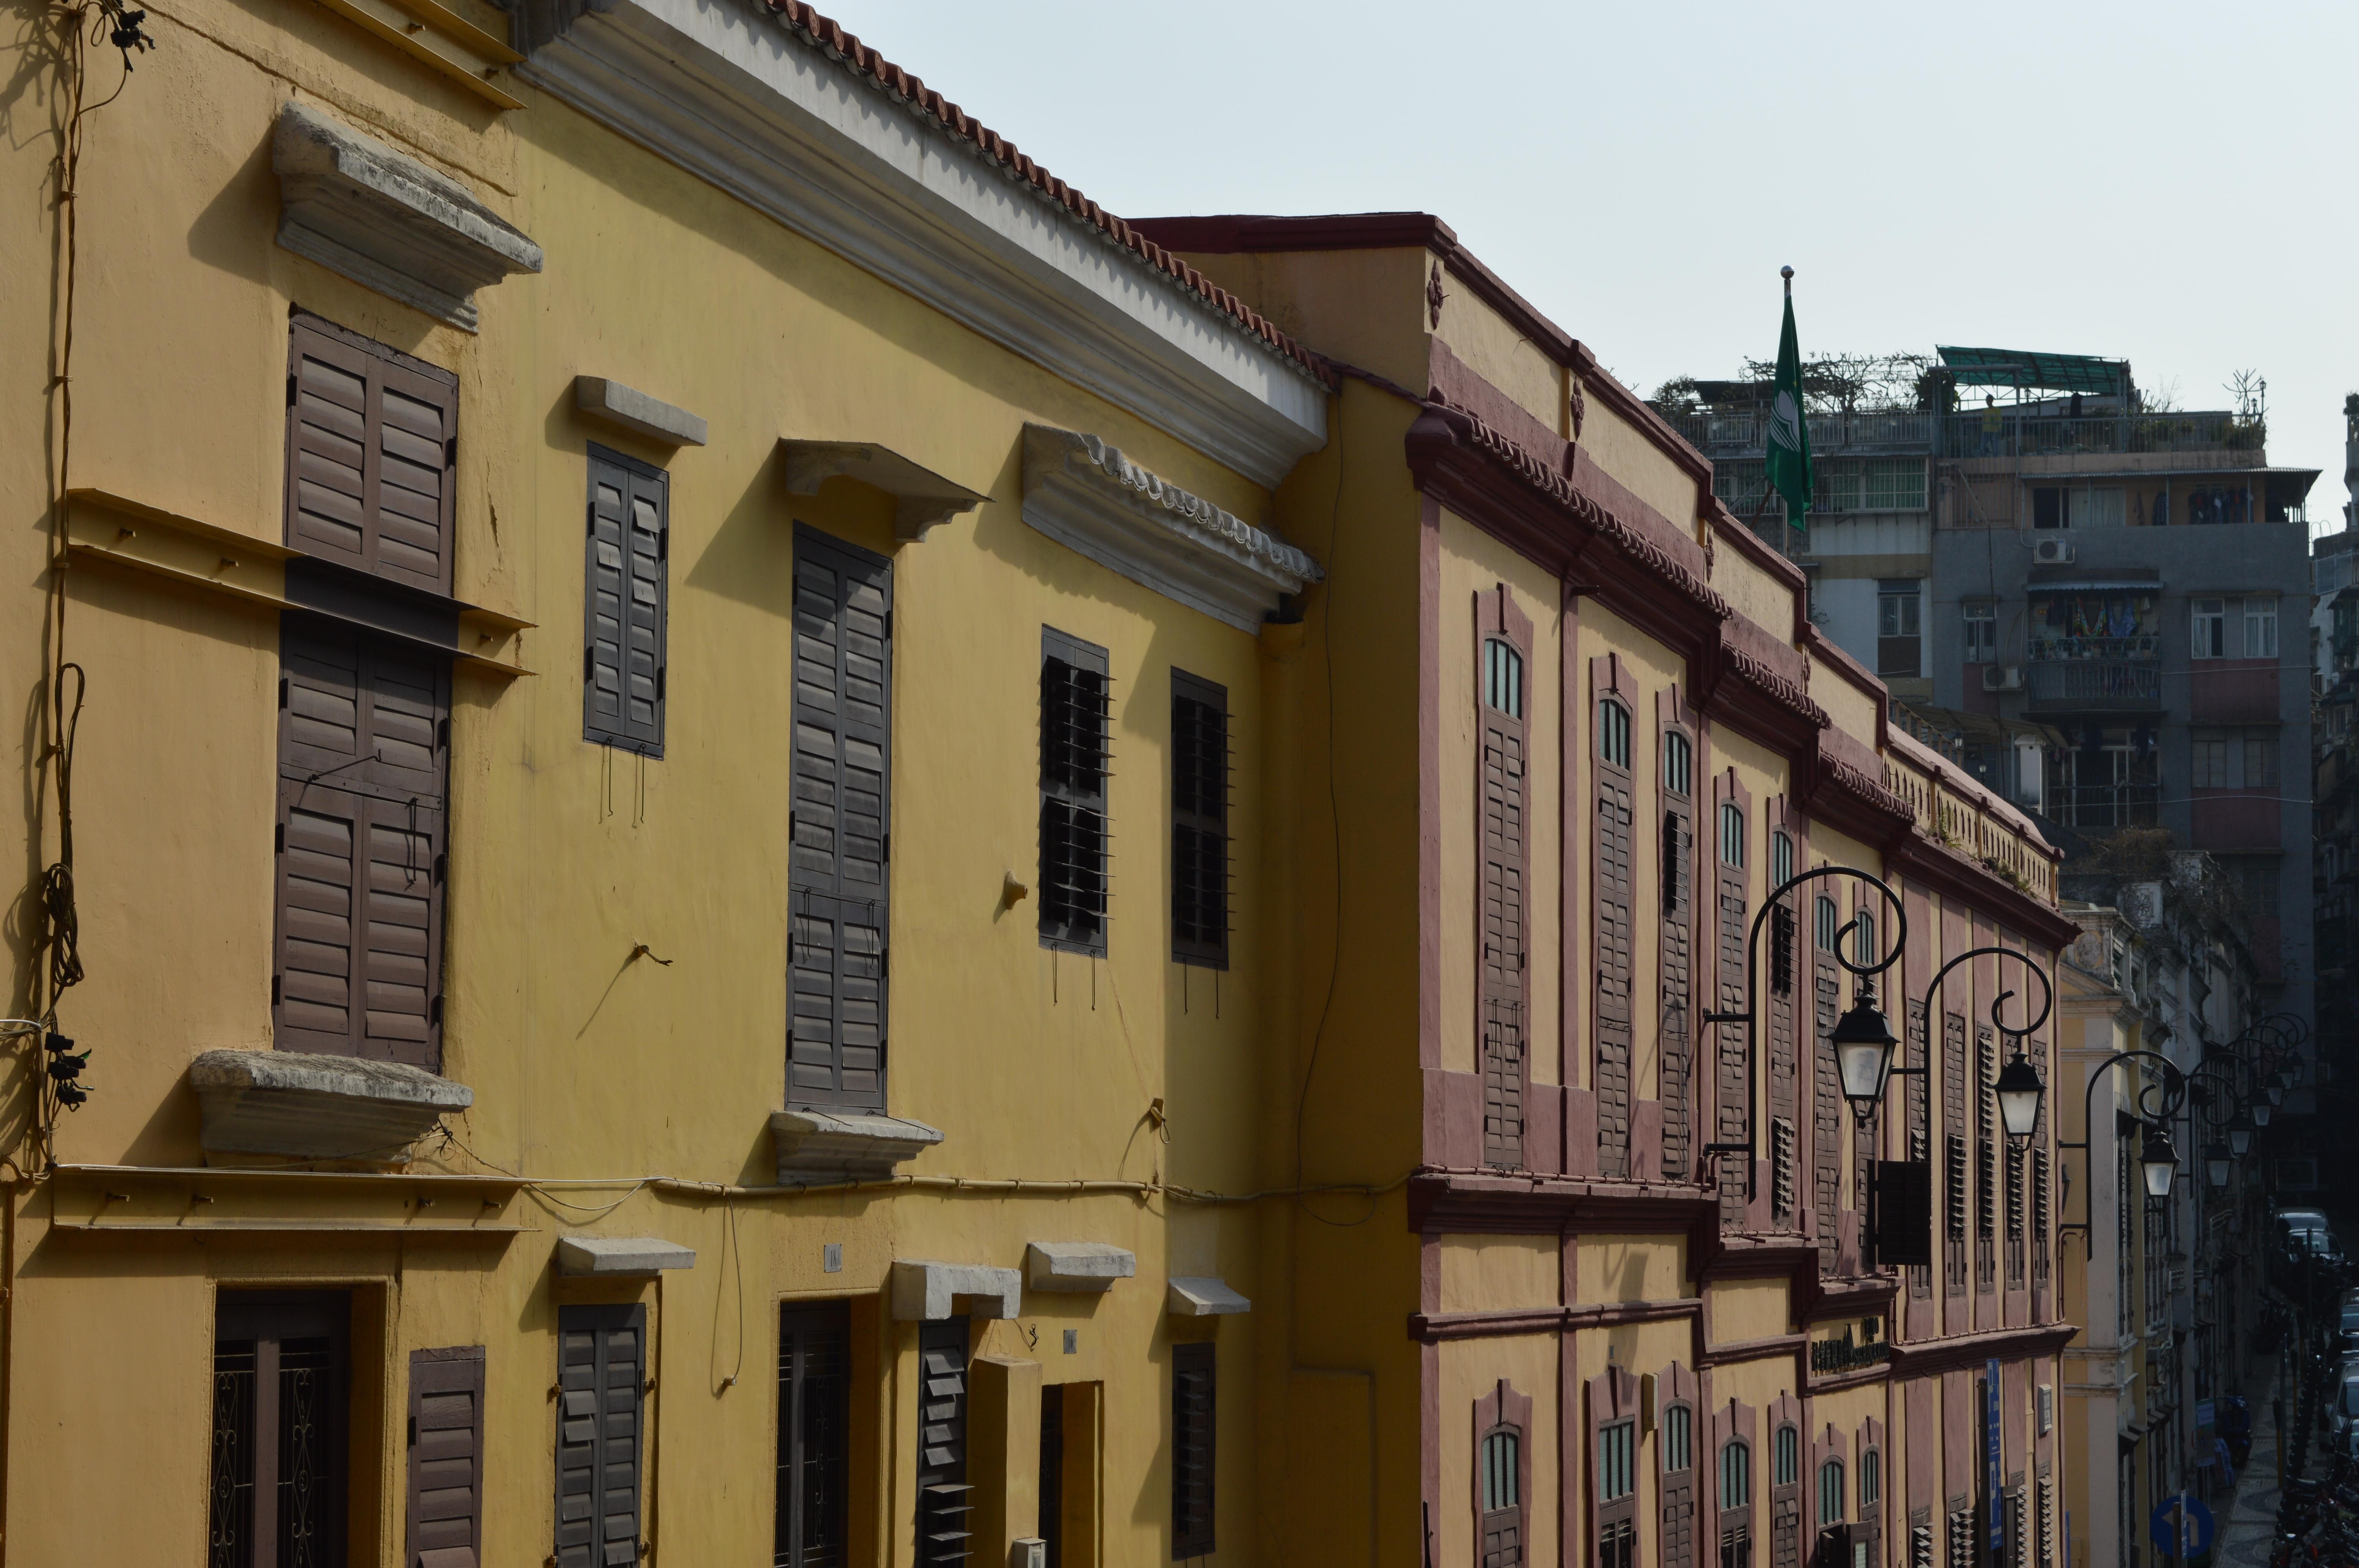 Colonial buildings in Macau